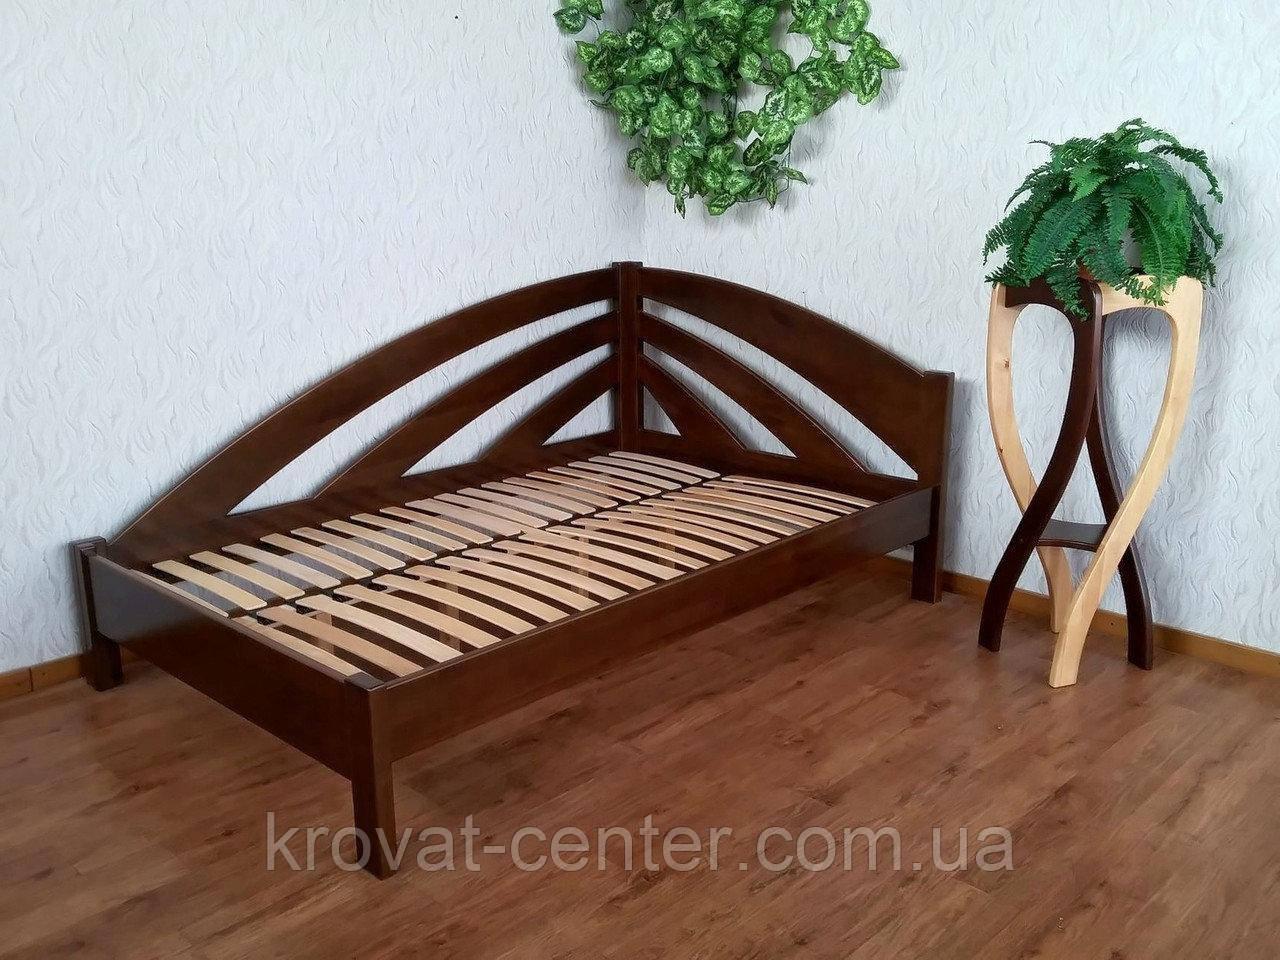 """Кутова полуторне ліжко з масиву натурального дерева """"Веселка"""" від виробника"""